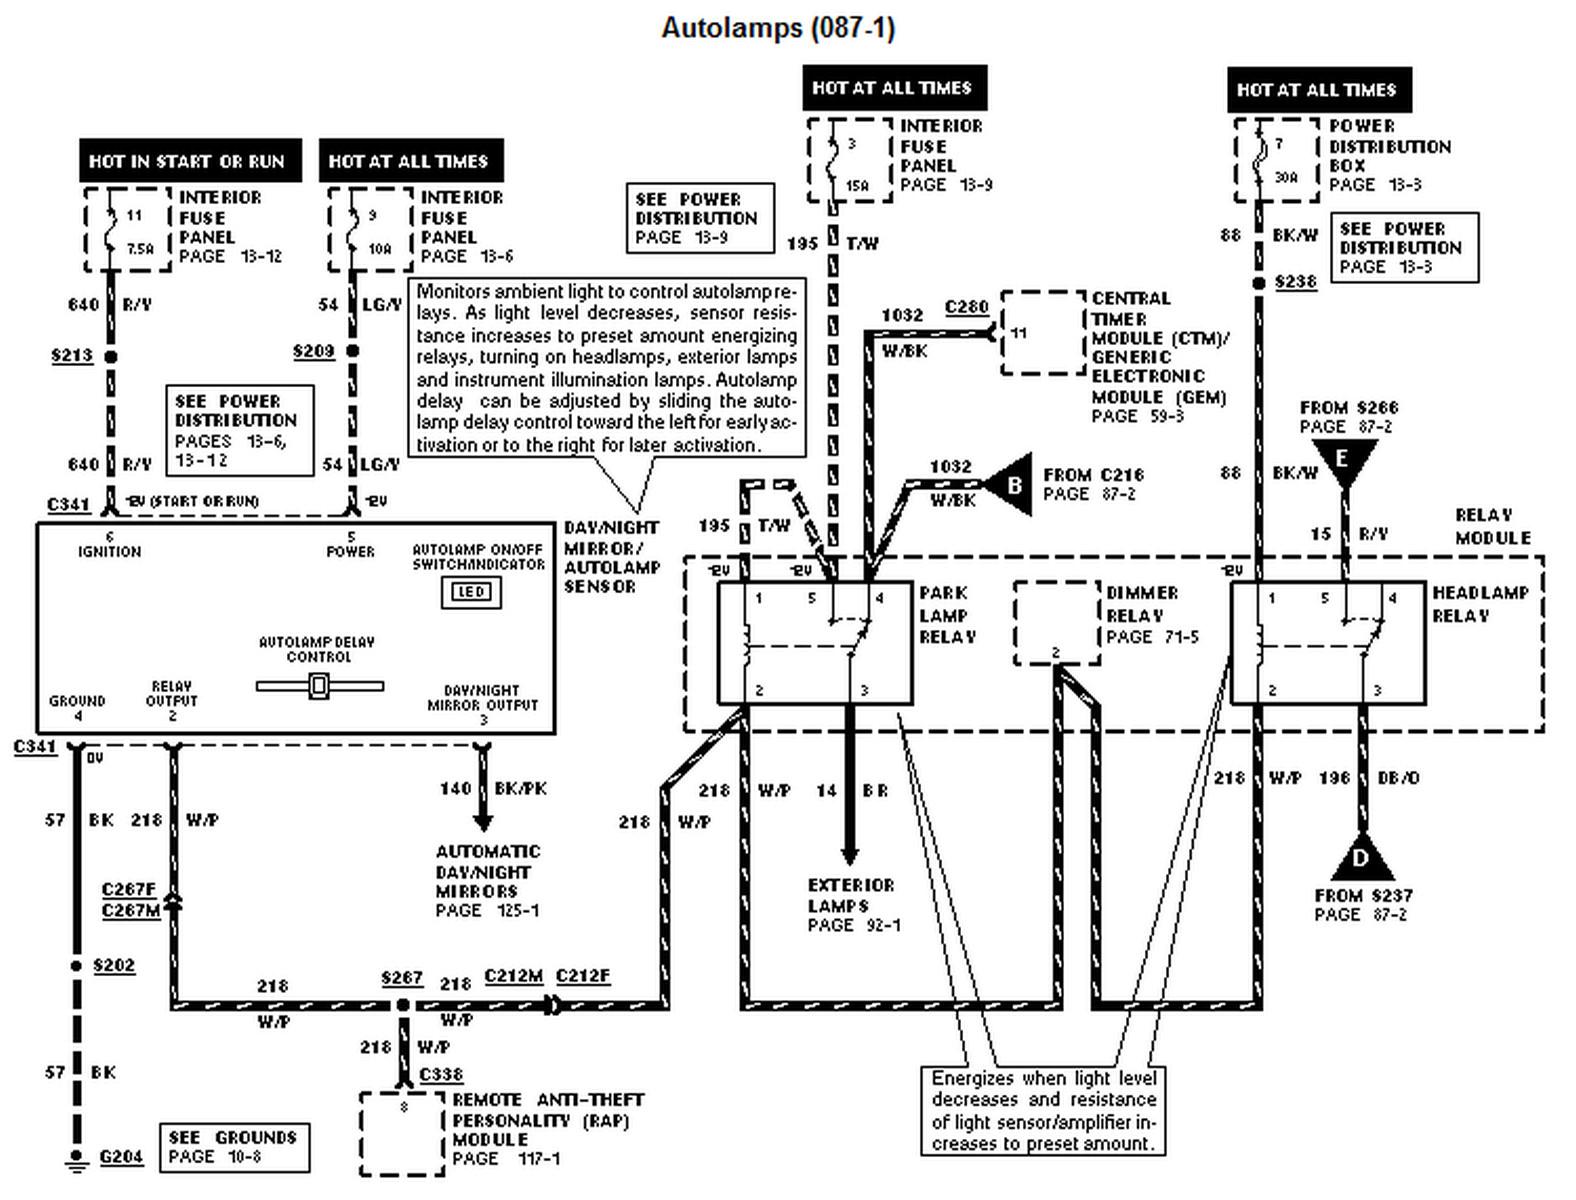 94 Ford Explorer Wiring Harness - 2006 Ford Escape Engine Diagram -  maxoncb.pas-sayange.jeanjaures37.fr